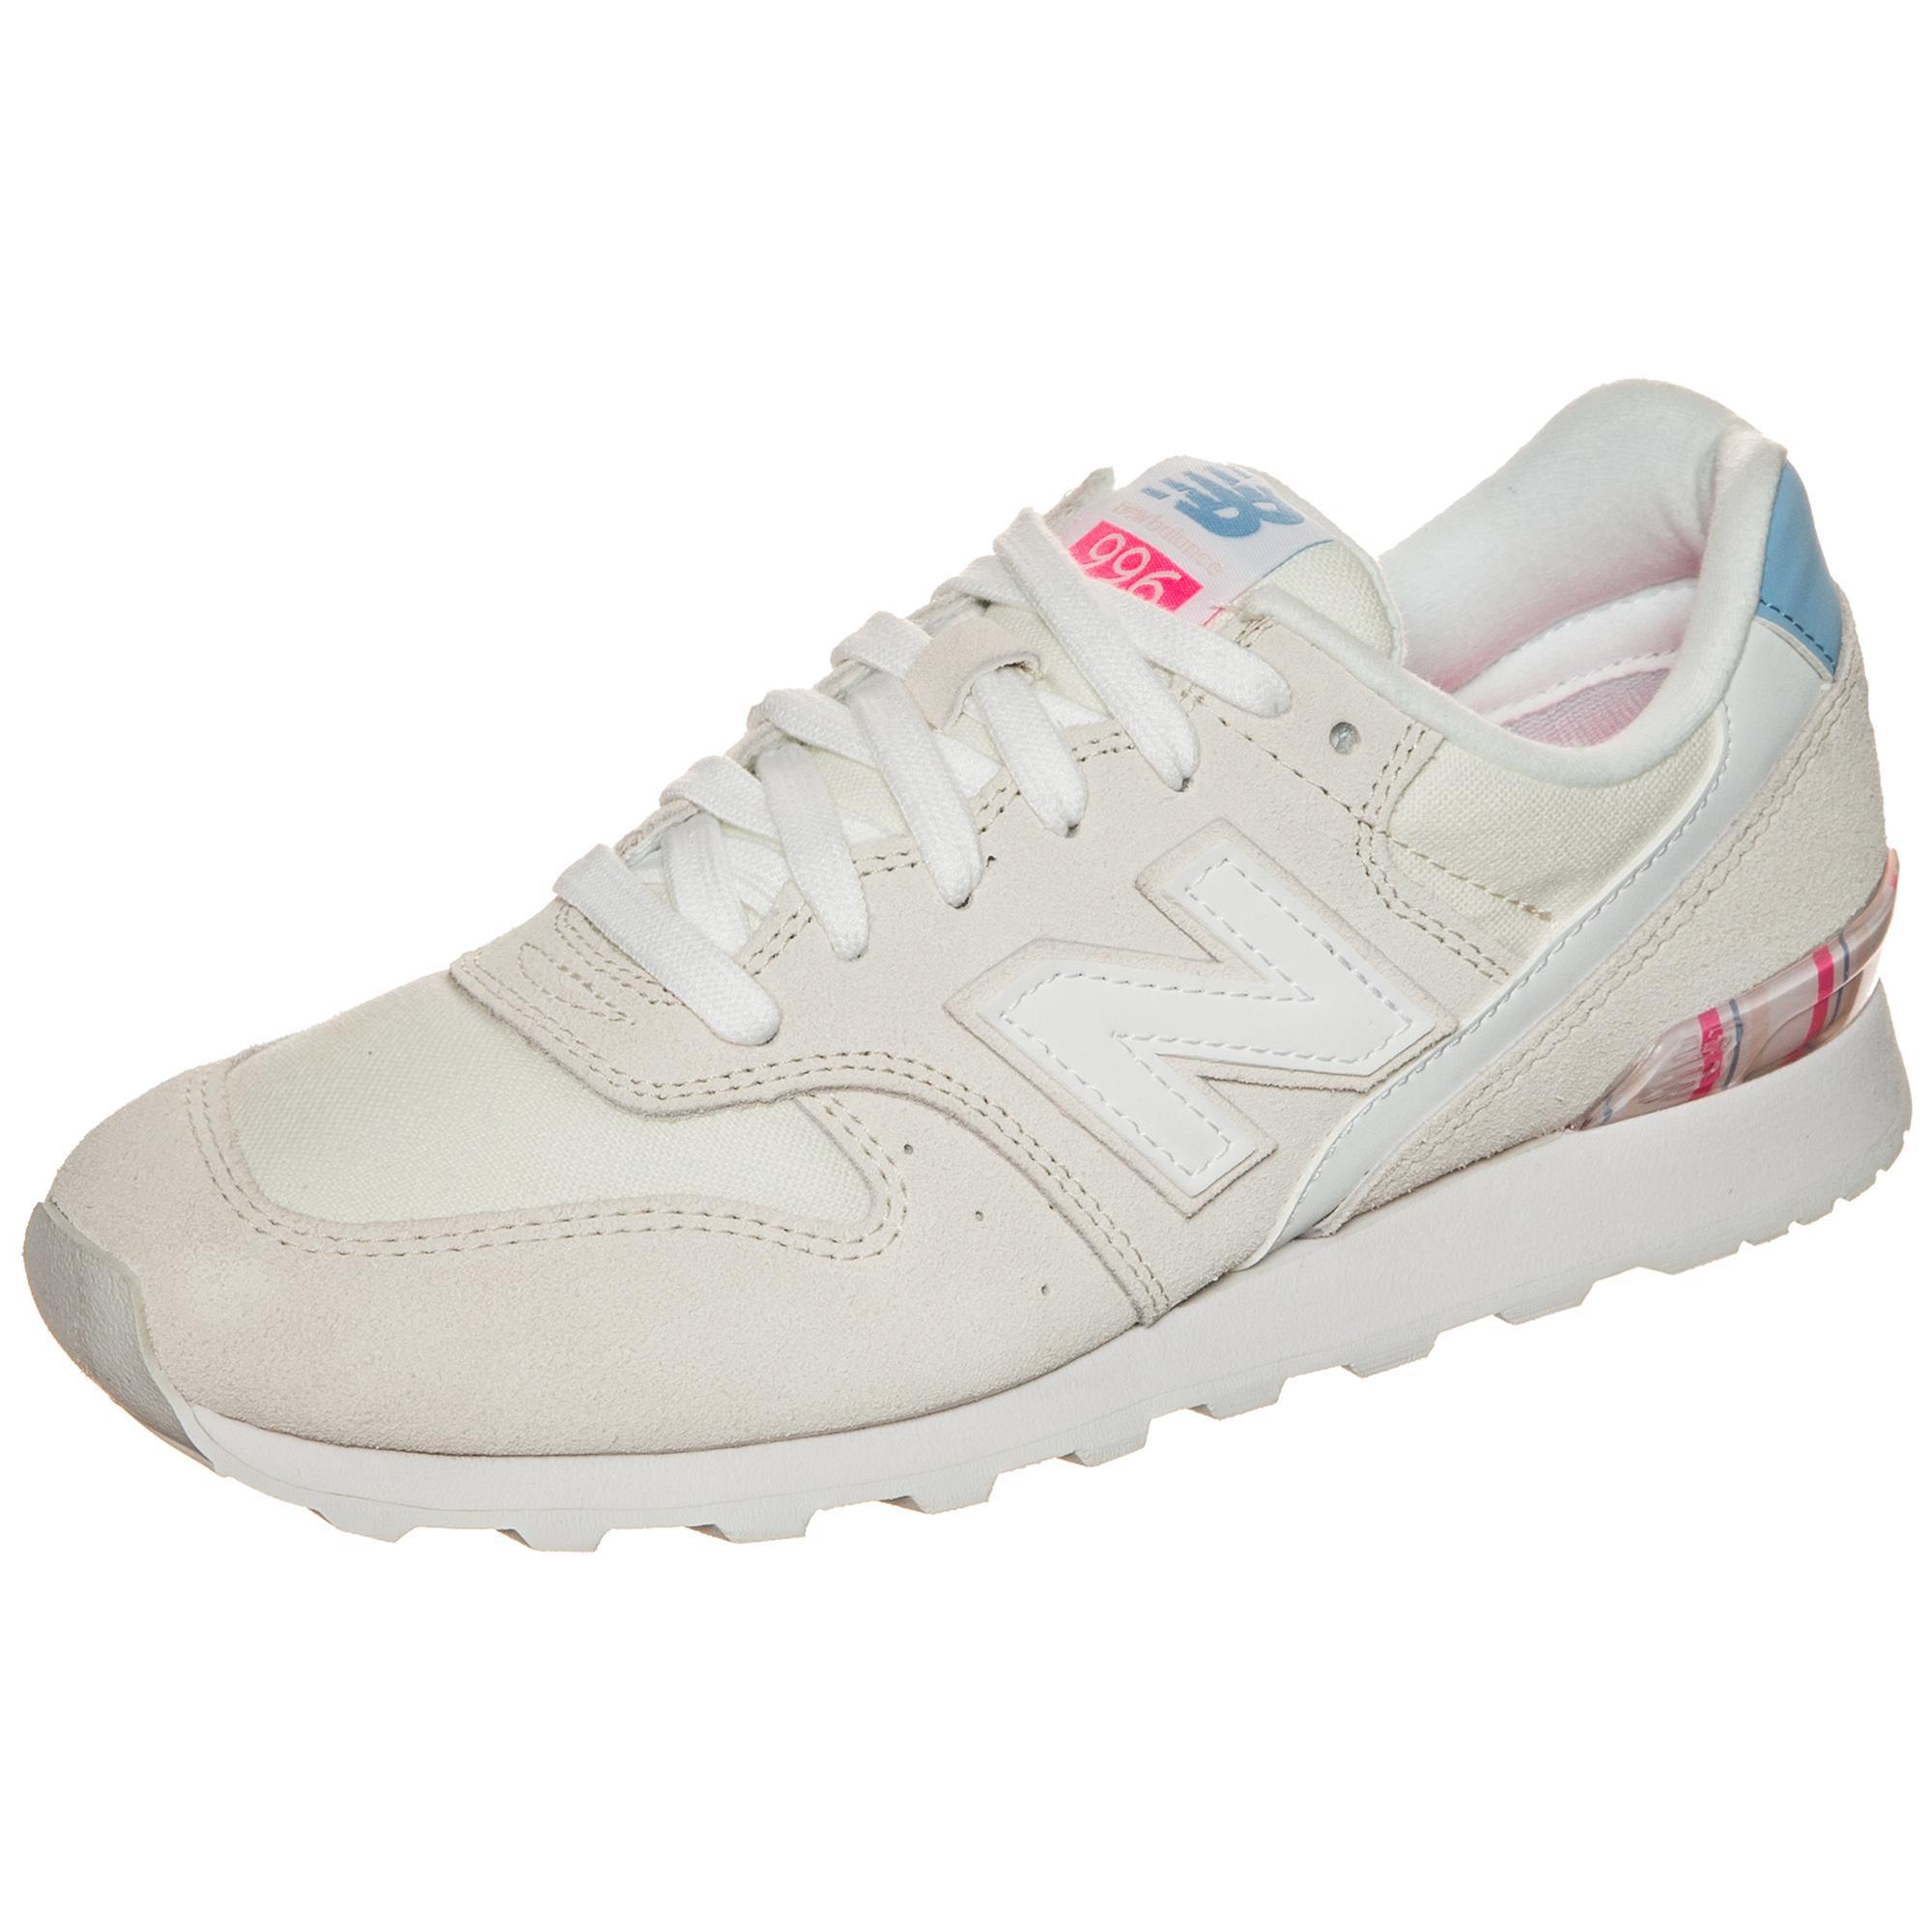 NEW BALANCE WR996-OSA-D Sneaker Damen beige / weiß / pink im Online Shop  von SportScheck kaufen